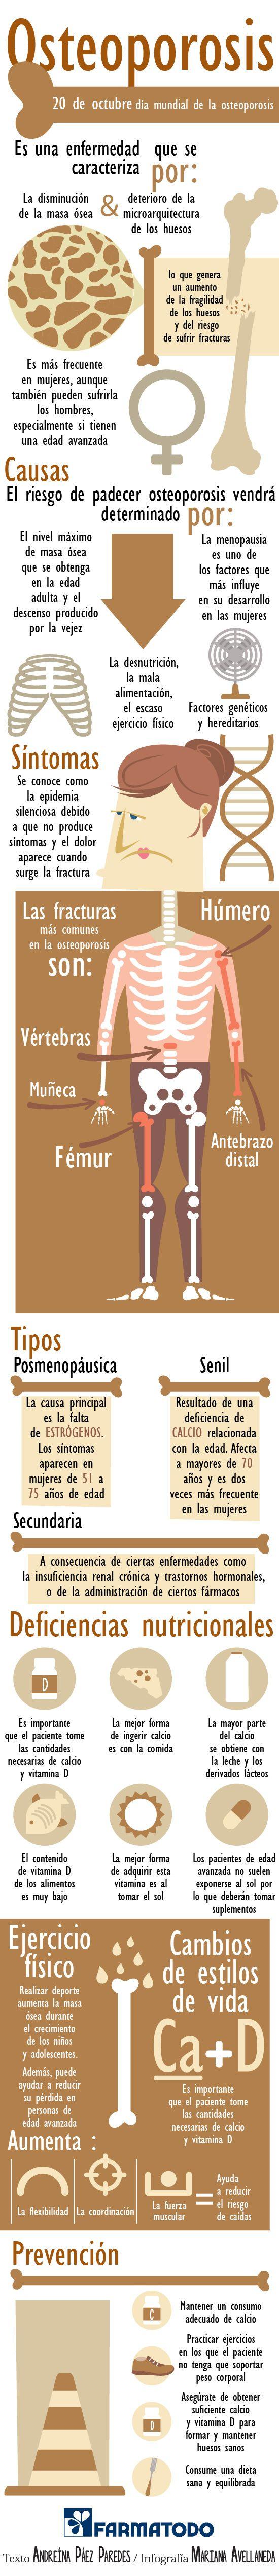 26+ Pastillas para prevenir la osteoporosis information